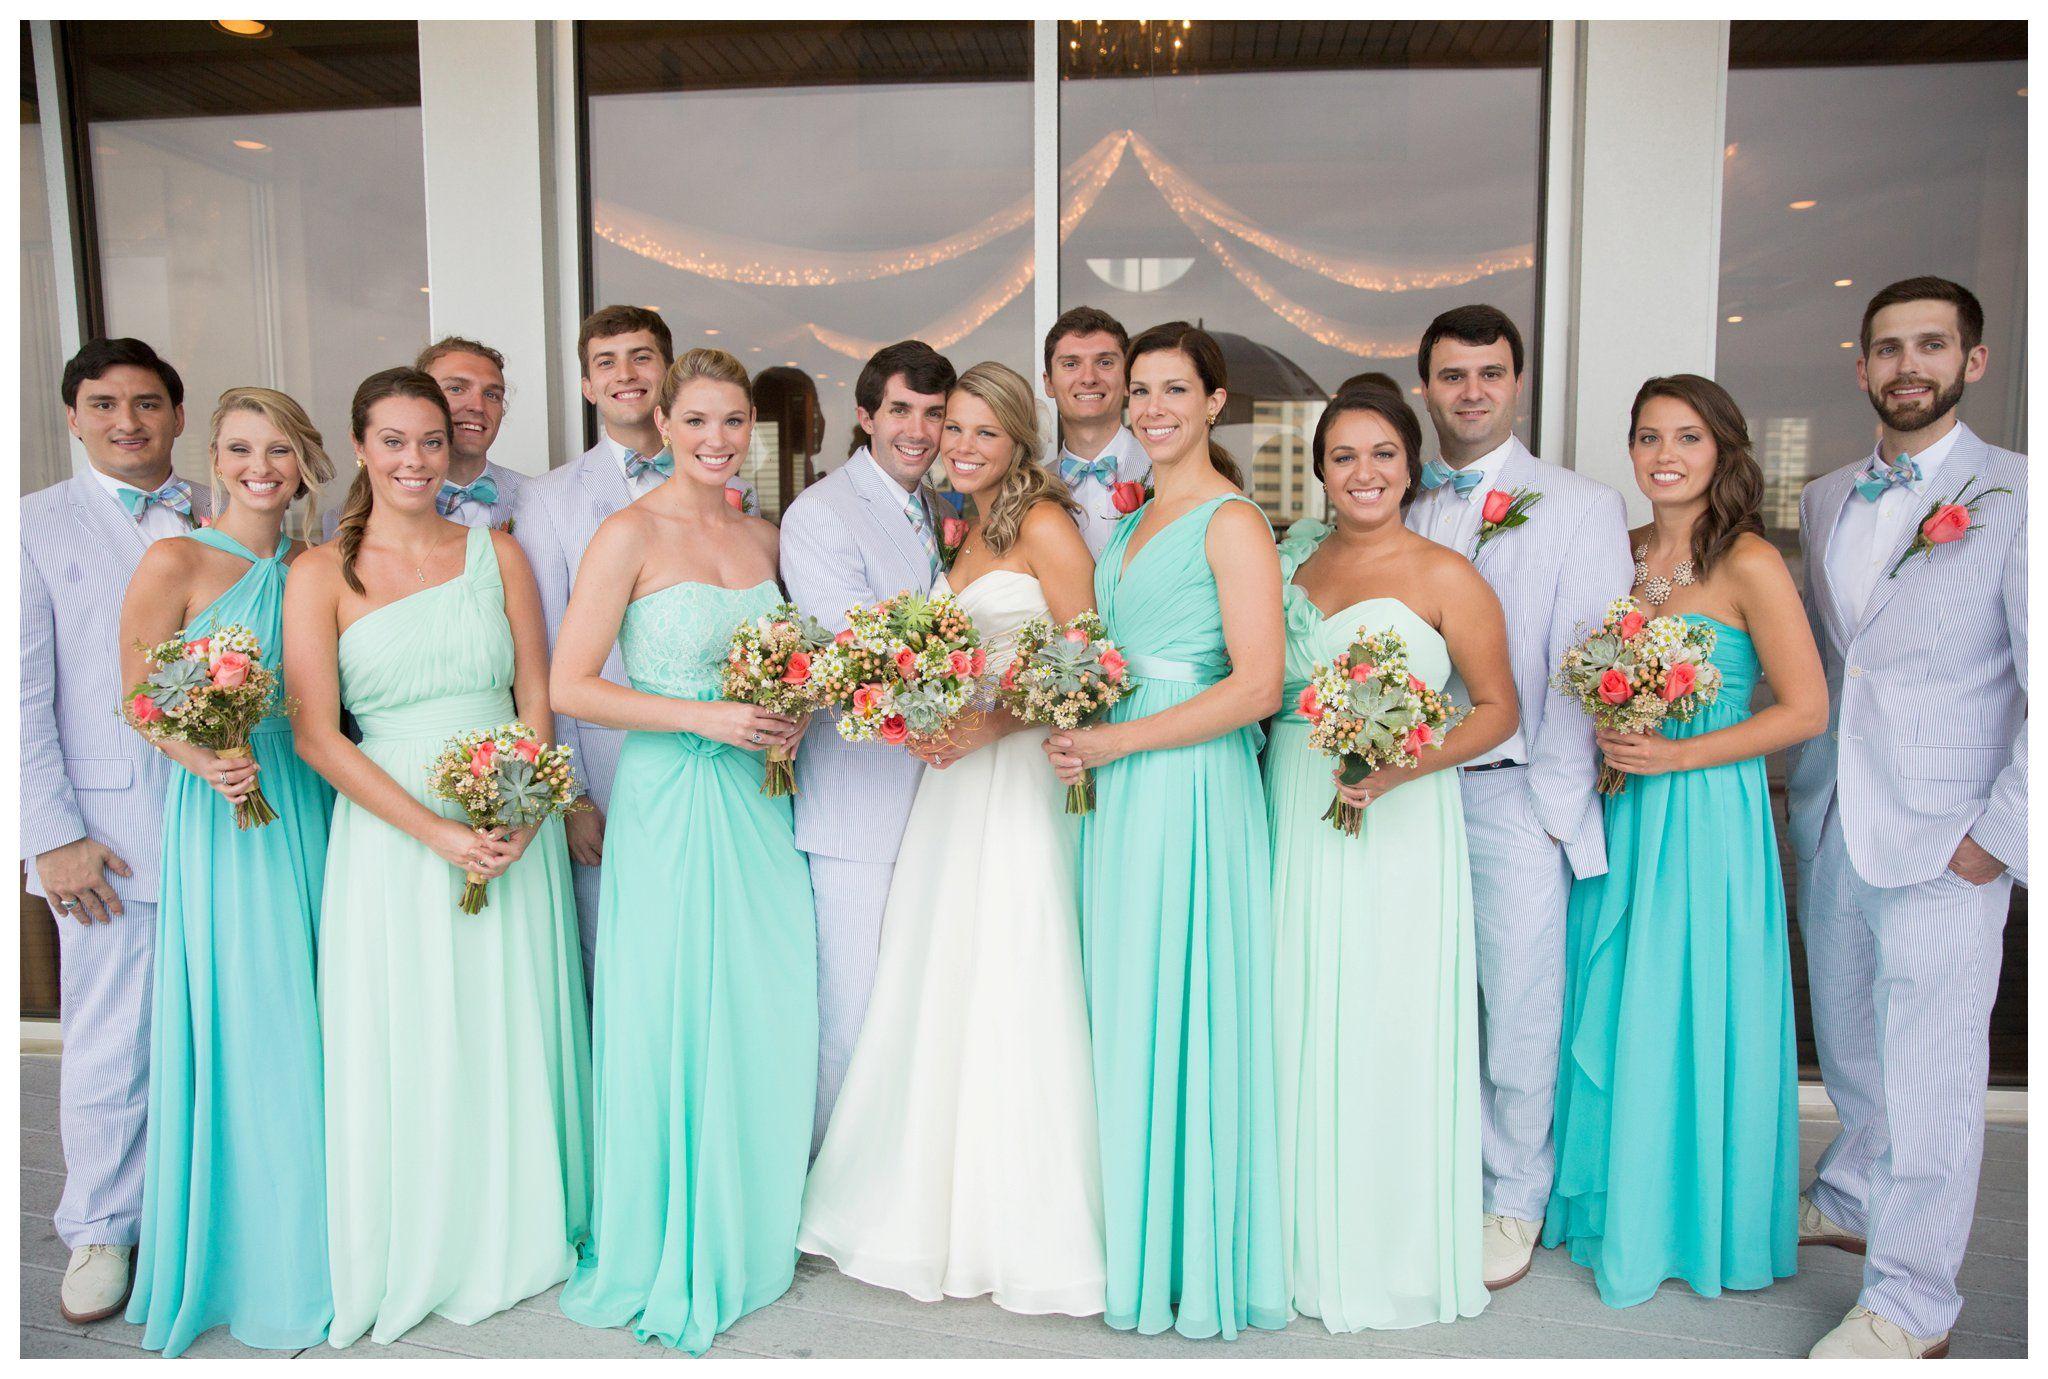 Lesner Inn Seer Er Mint Turquoise Gold And C Wedding 0058